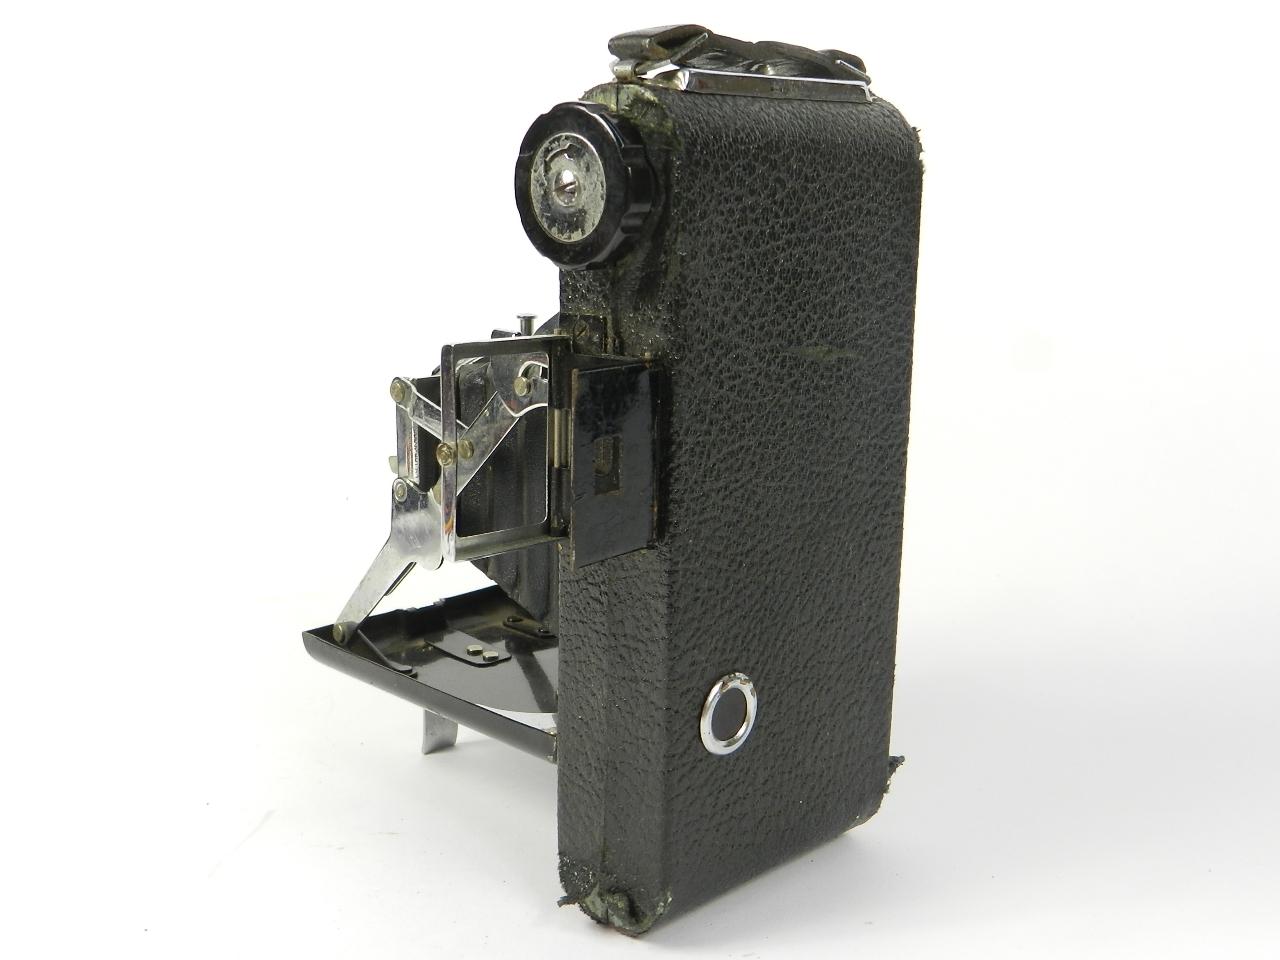 Imagen KERSHAW EIGHT-20 PENGUIN  AÑO 1940 37945